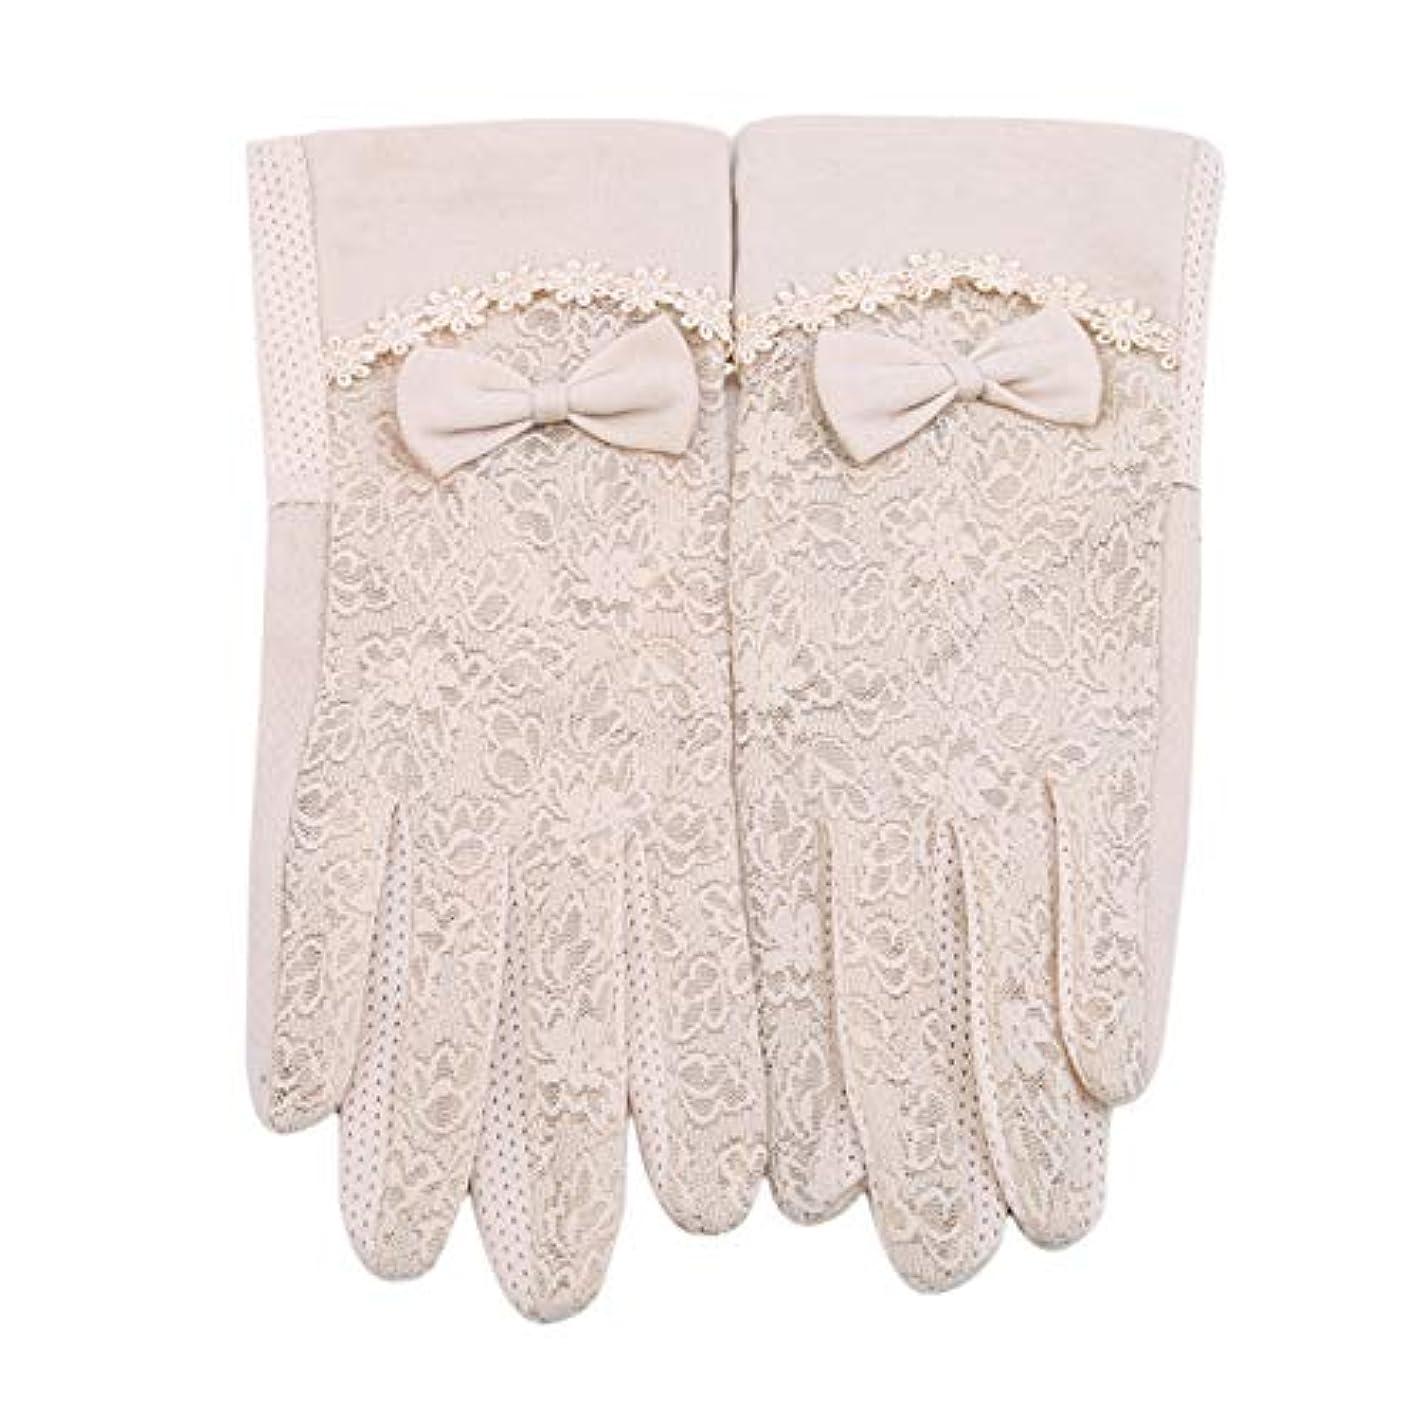 急流飛躍収束MODMHB 手袋 UVカット 手触りが良い 紫外線カット 日焼け防止 ハンド ケア 手荒い対策 保湿 保護 抗菌 防臭